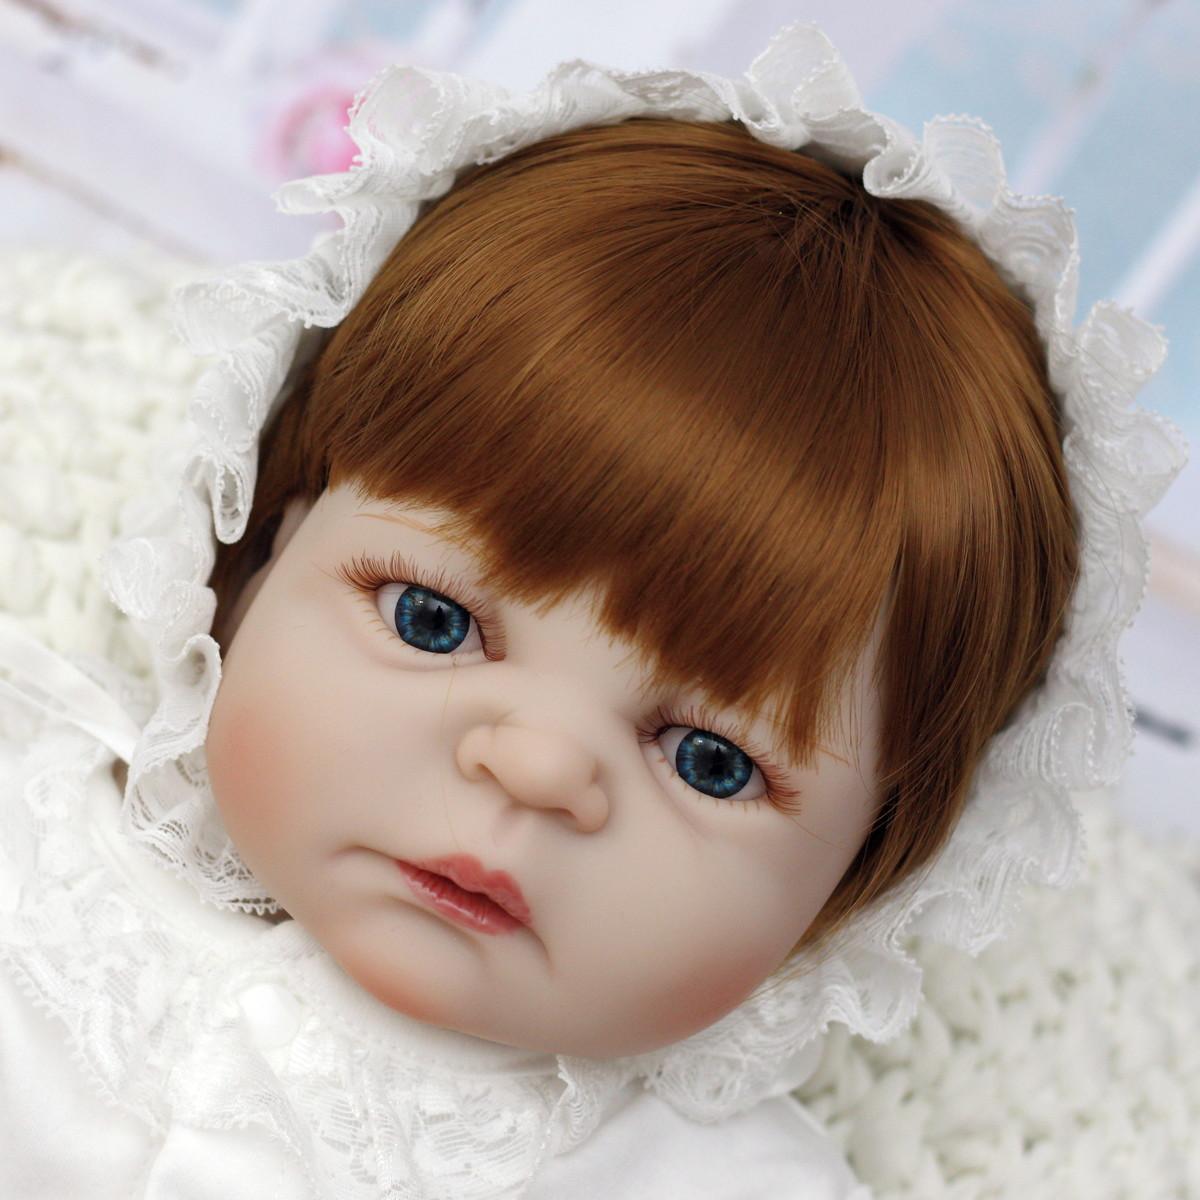 f685da034 Encomenda Boneca Bebê Reborn Corpo Silicone Enxoval Completo no Elo7 ...